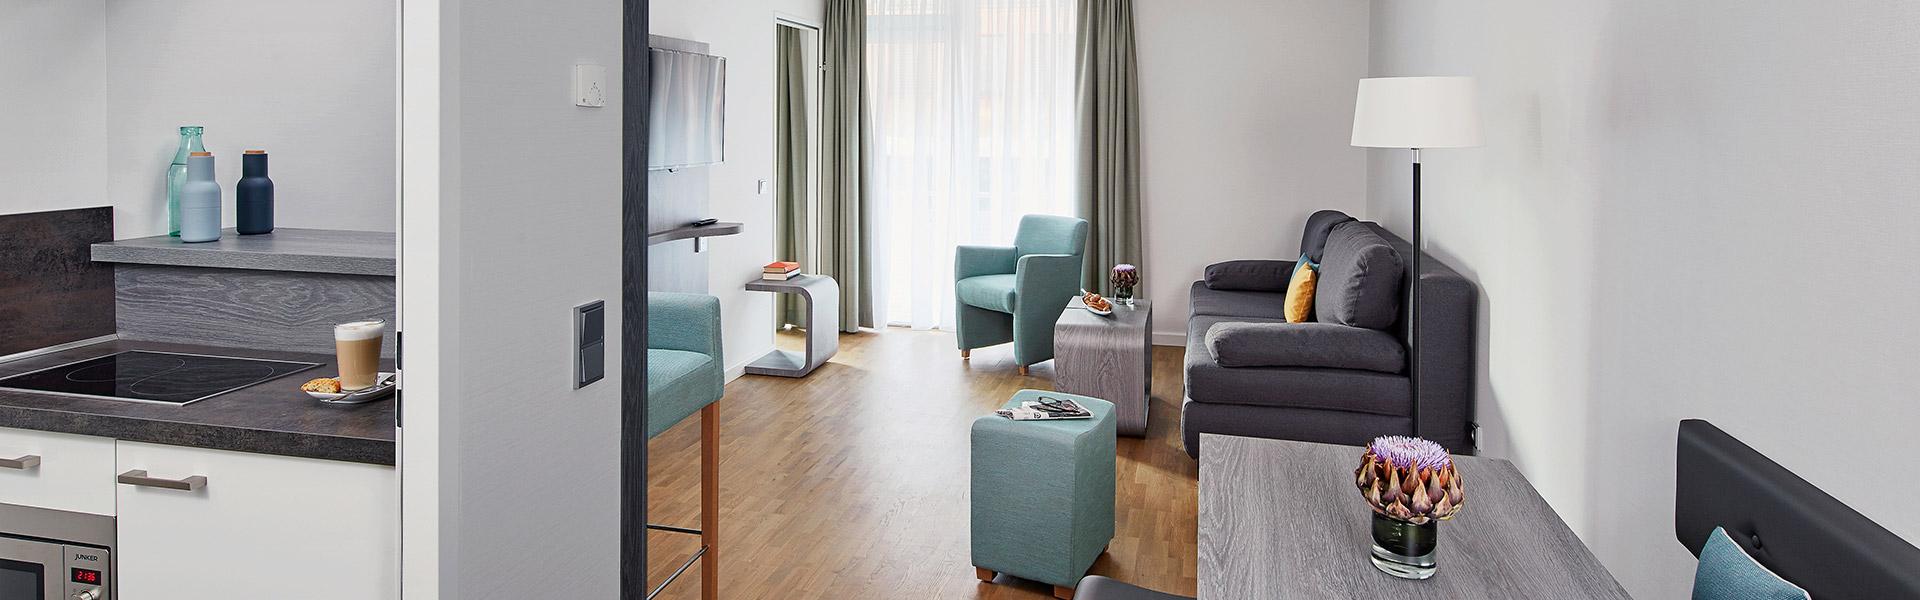 بهترین هتل آپارتمان در مشهد | مشهد سرا